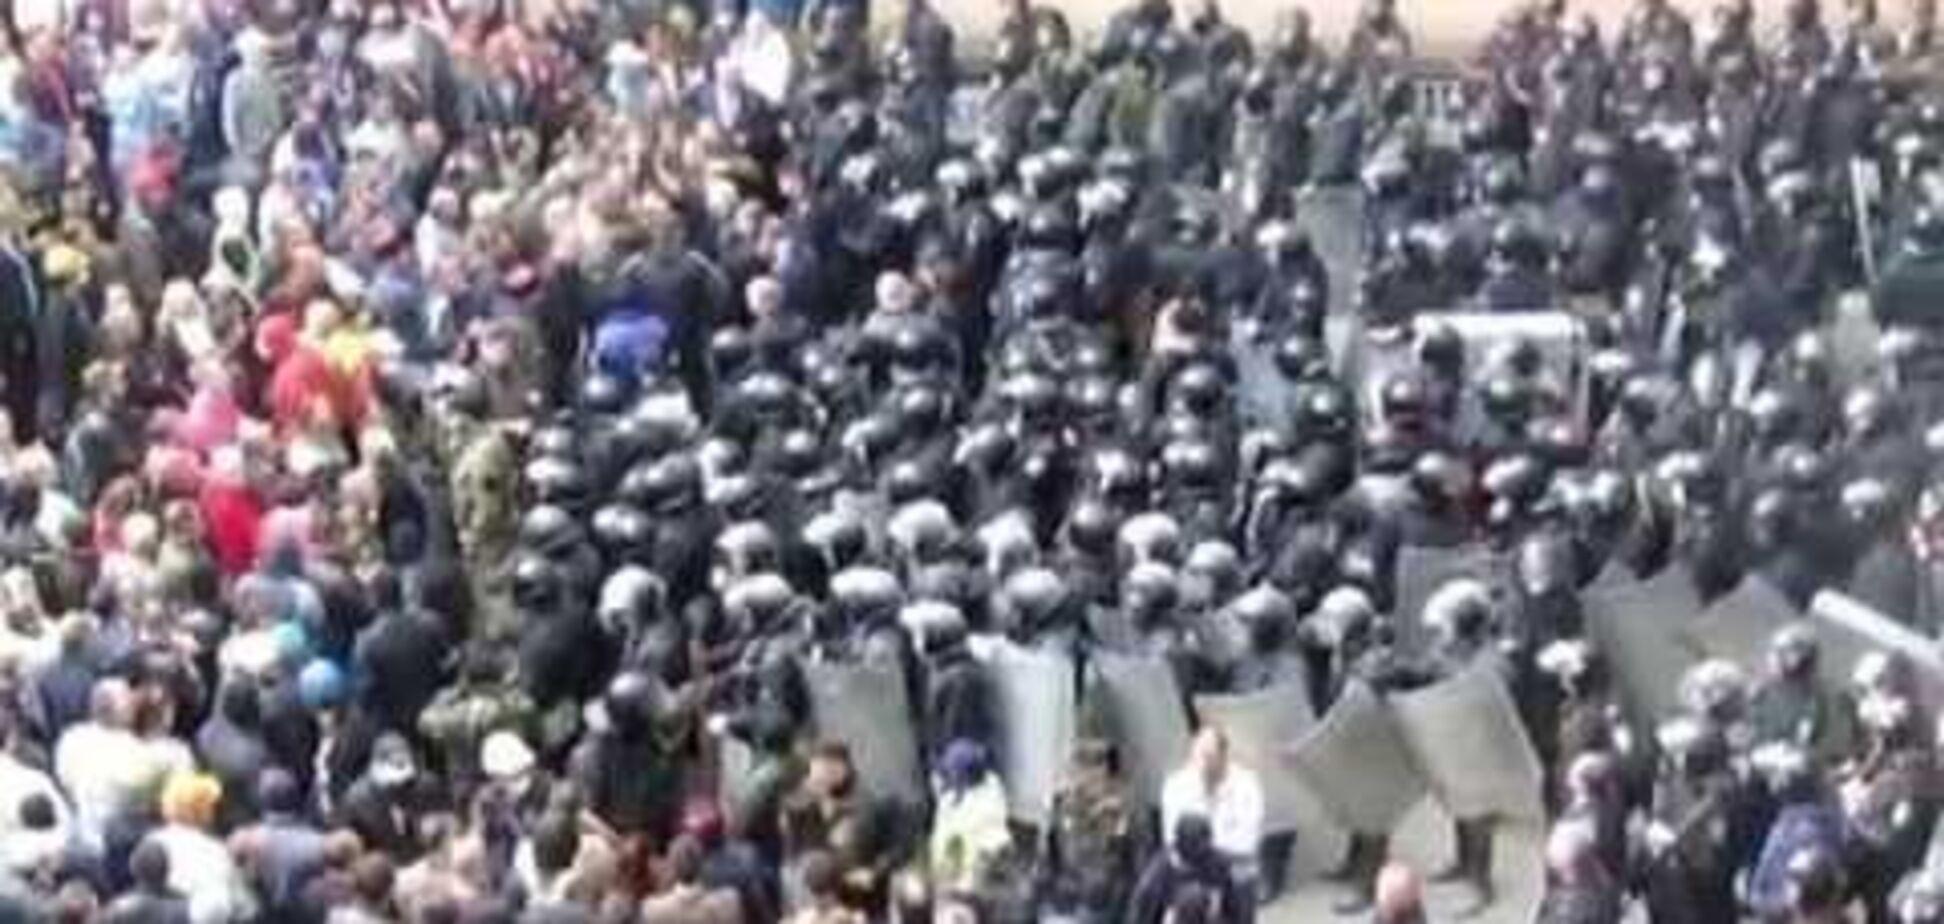 Захватчики присвоили все личные вещи сотрудников Луганской ОГА